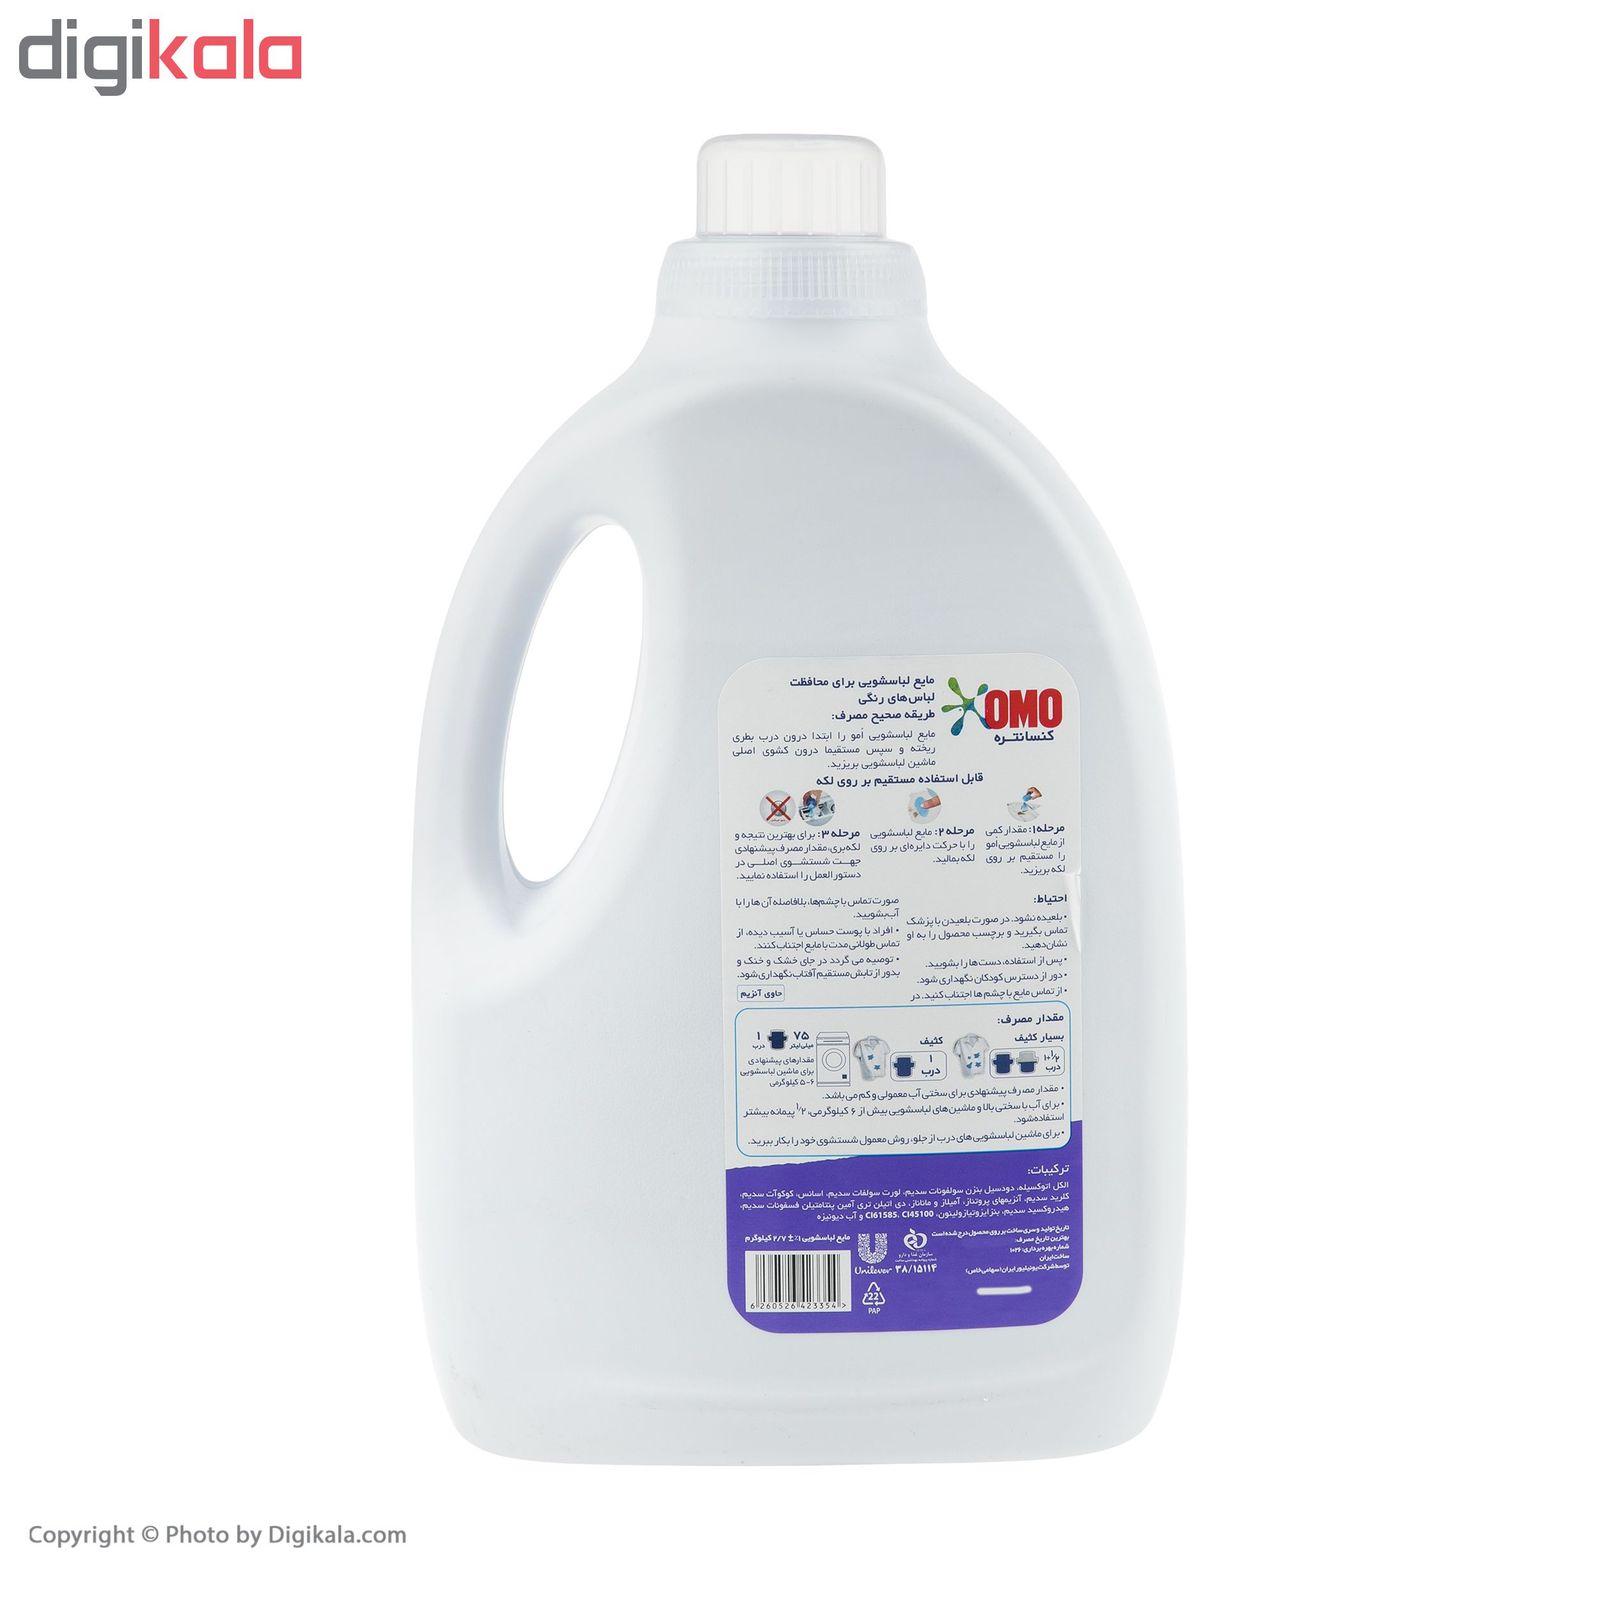 مایع لباسشویی رنگی امو مدل Concentrate مقدار 2.7 کیلوگرم main 1 2